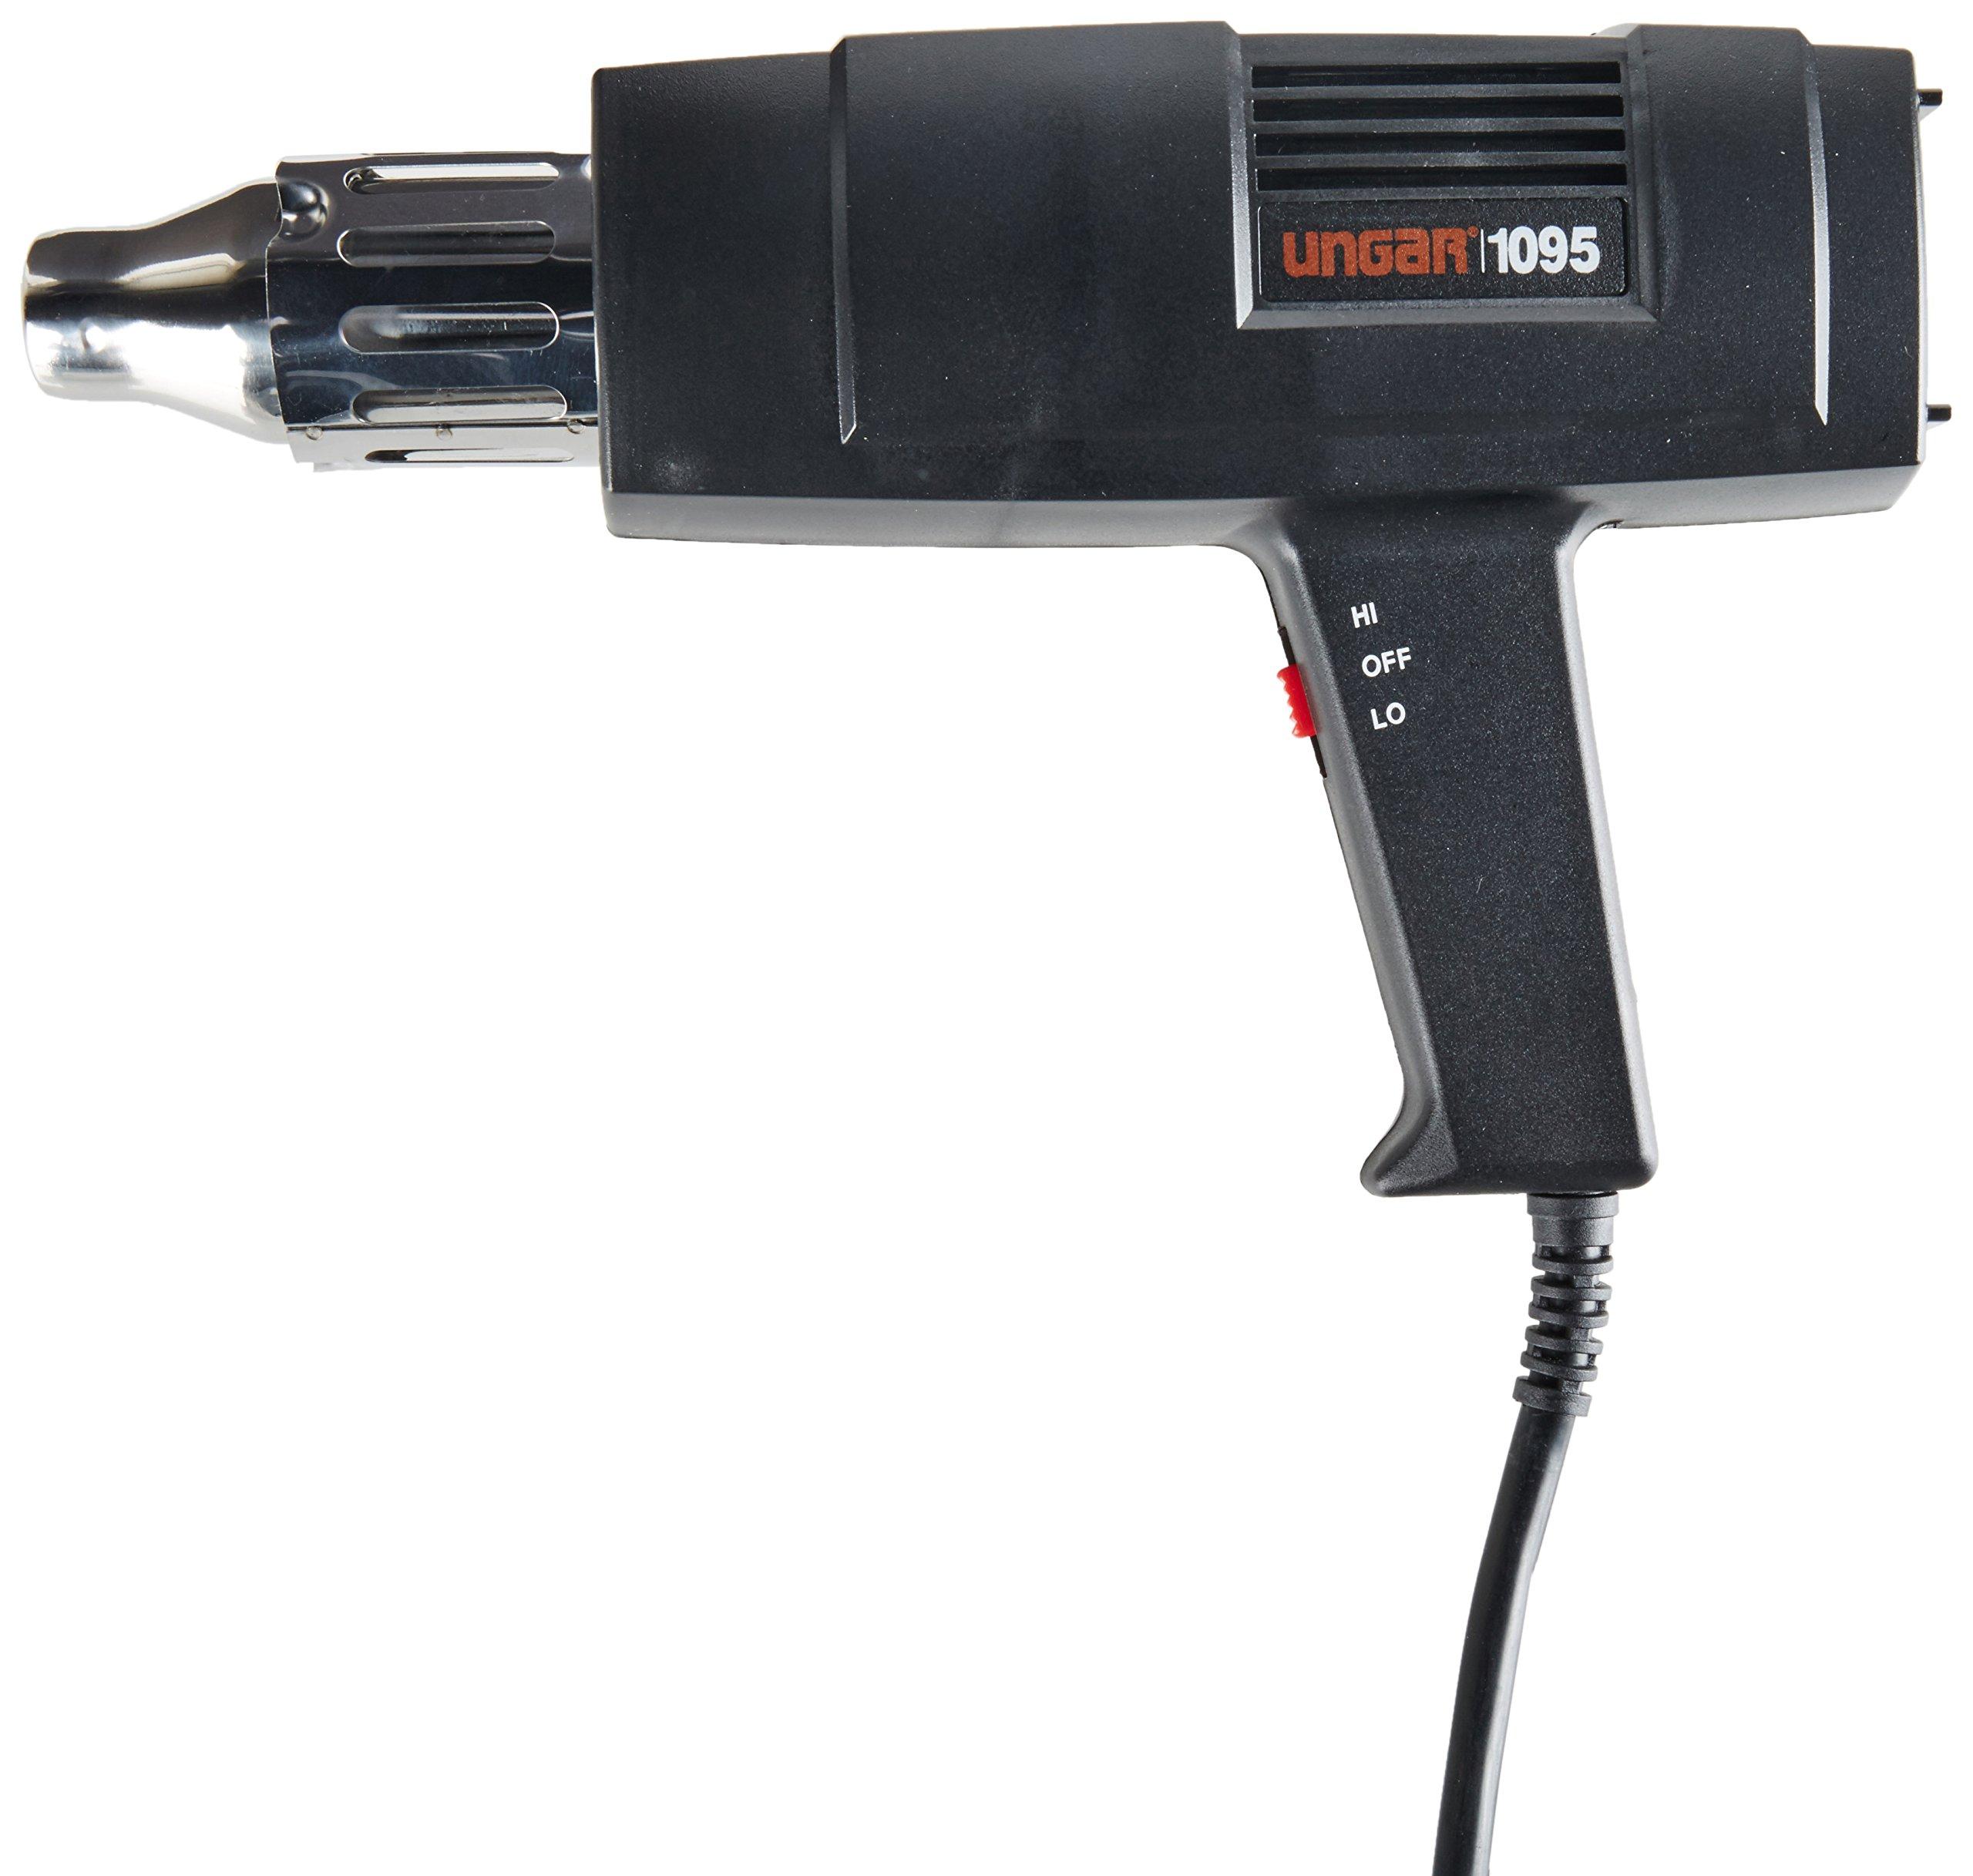 Weller (formerly Ungar) 1095 1000-Watt Dual Temperature Heat Gun